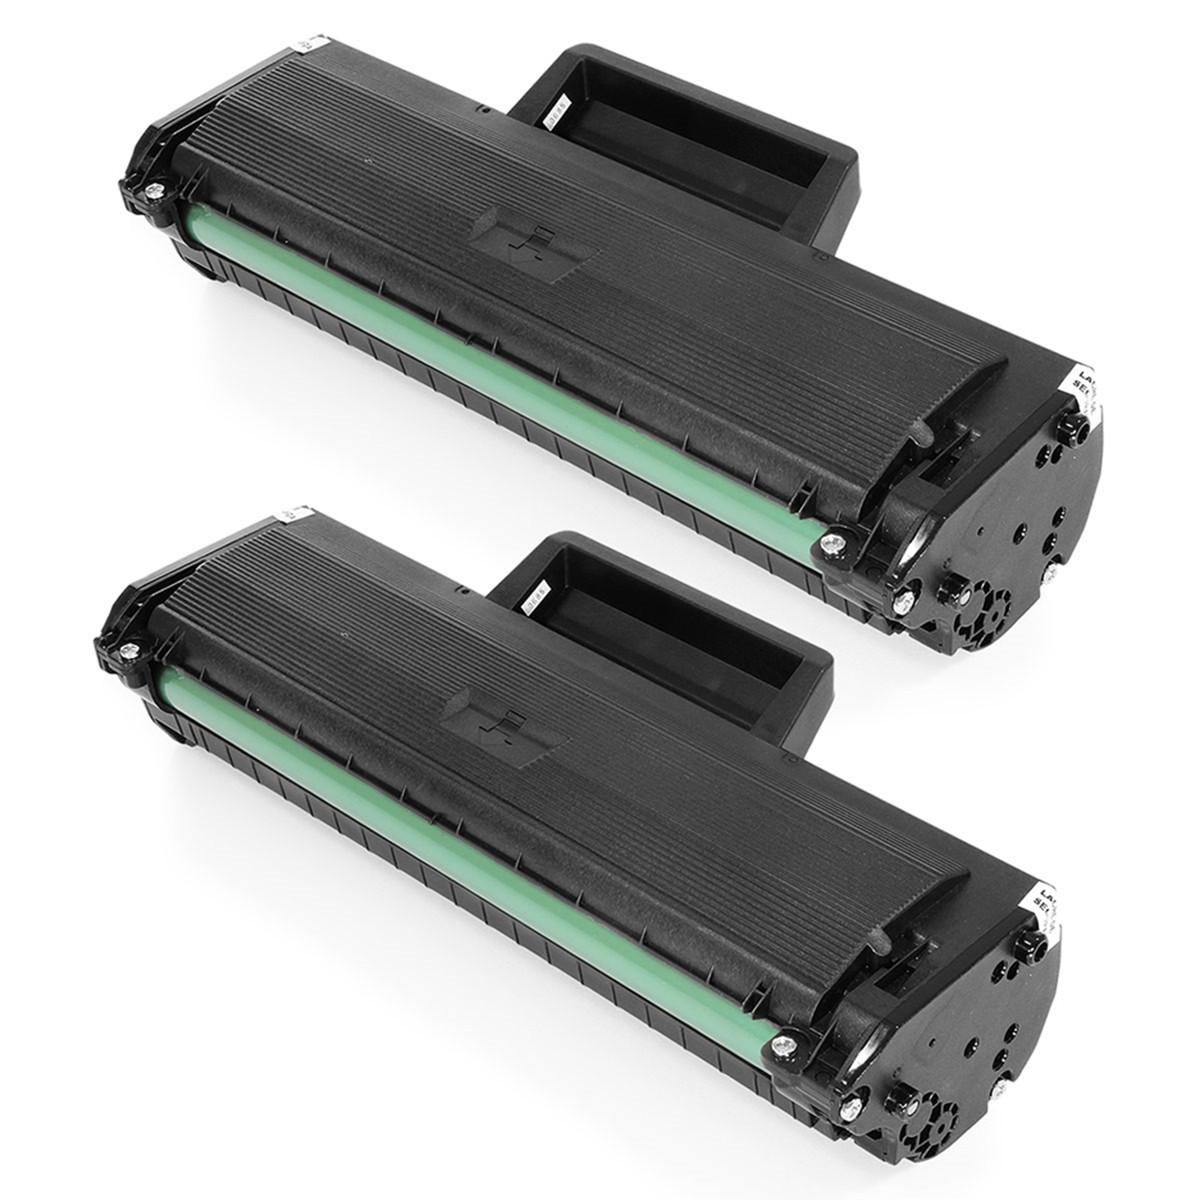 Kit 2 Toner Compatível com Samsung MLT-D104S   ML1665 ML1660 ML1860 SCX3200 SCX3217 SCX3205   1.5k